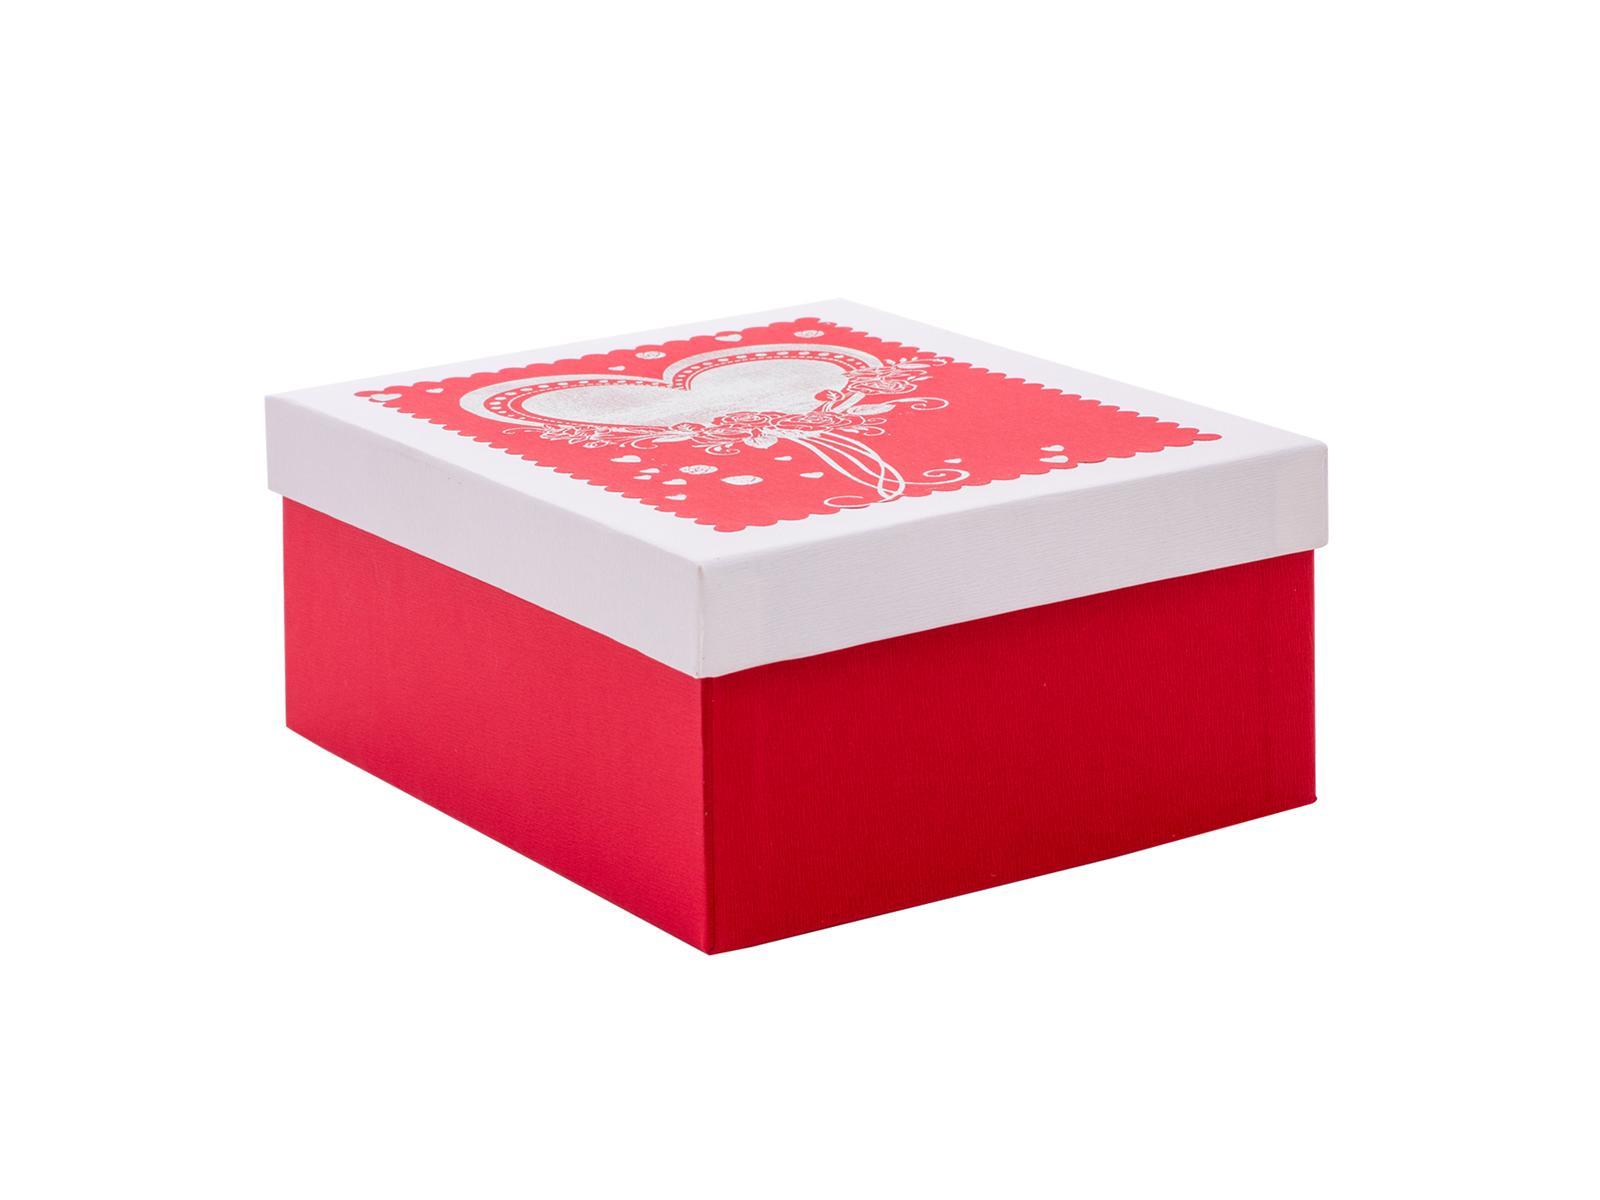 Gift Box 009/1-1 Medium